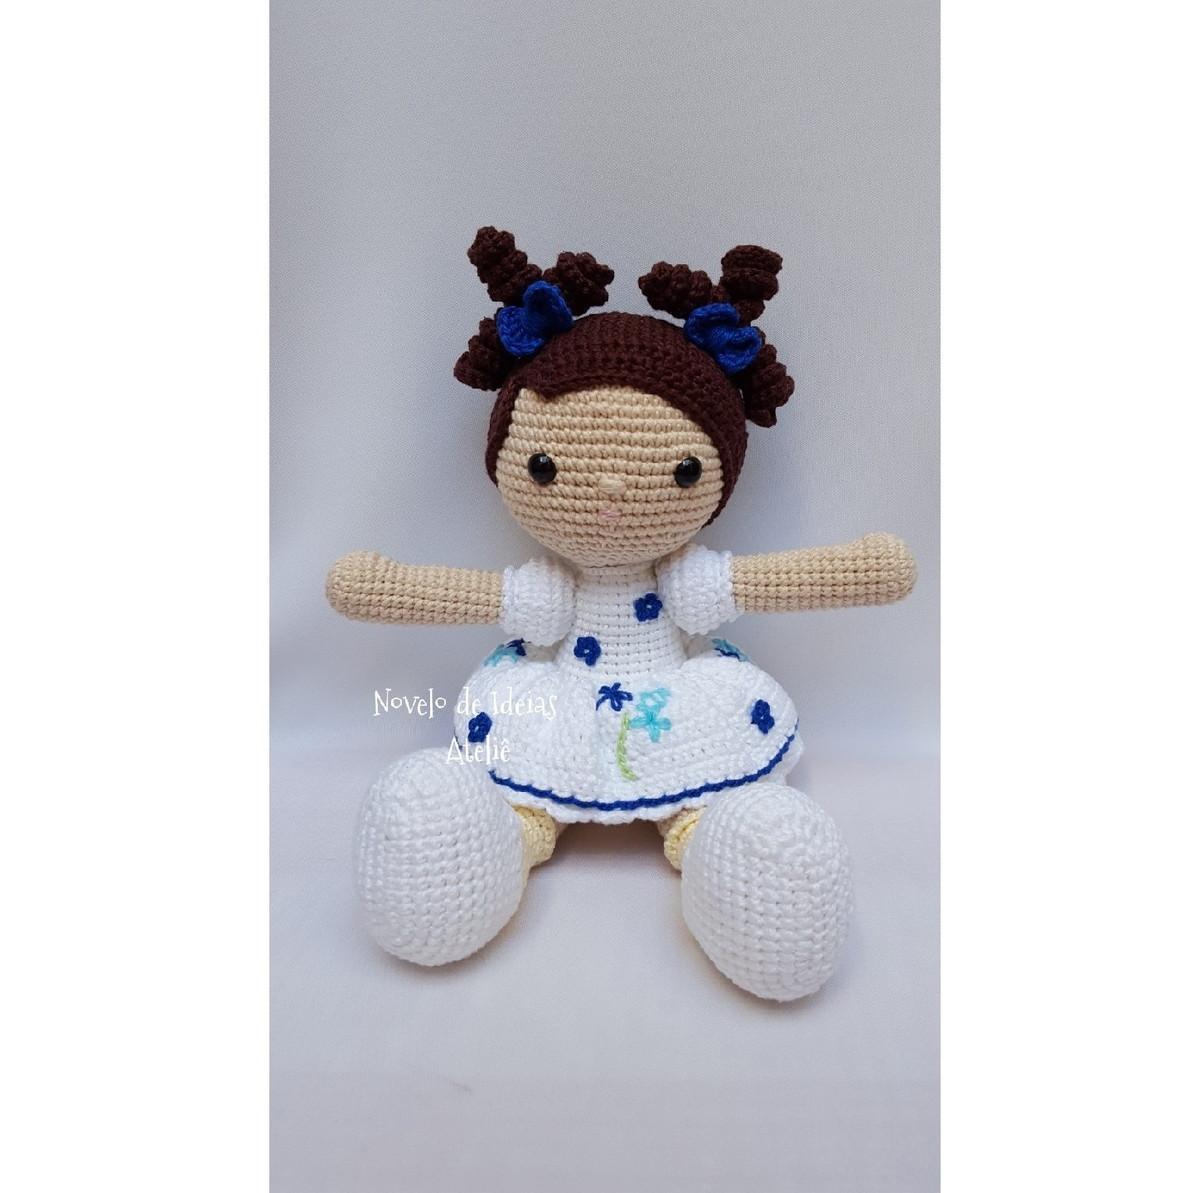 Amigurumi de Crochê (Boneca Grande) | Amigurumi de croche, Bonecas ... | 1193x1200